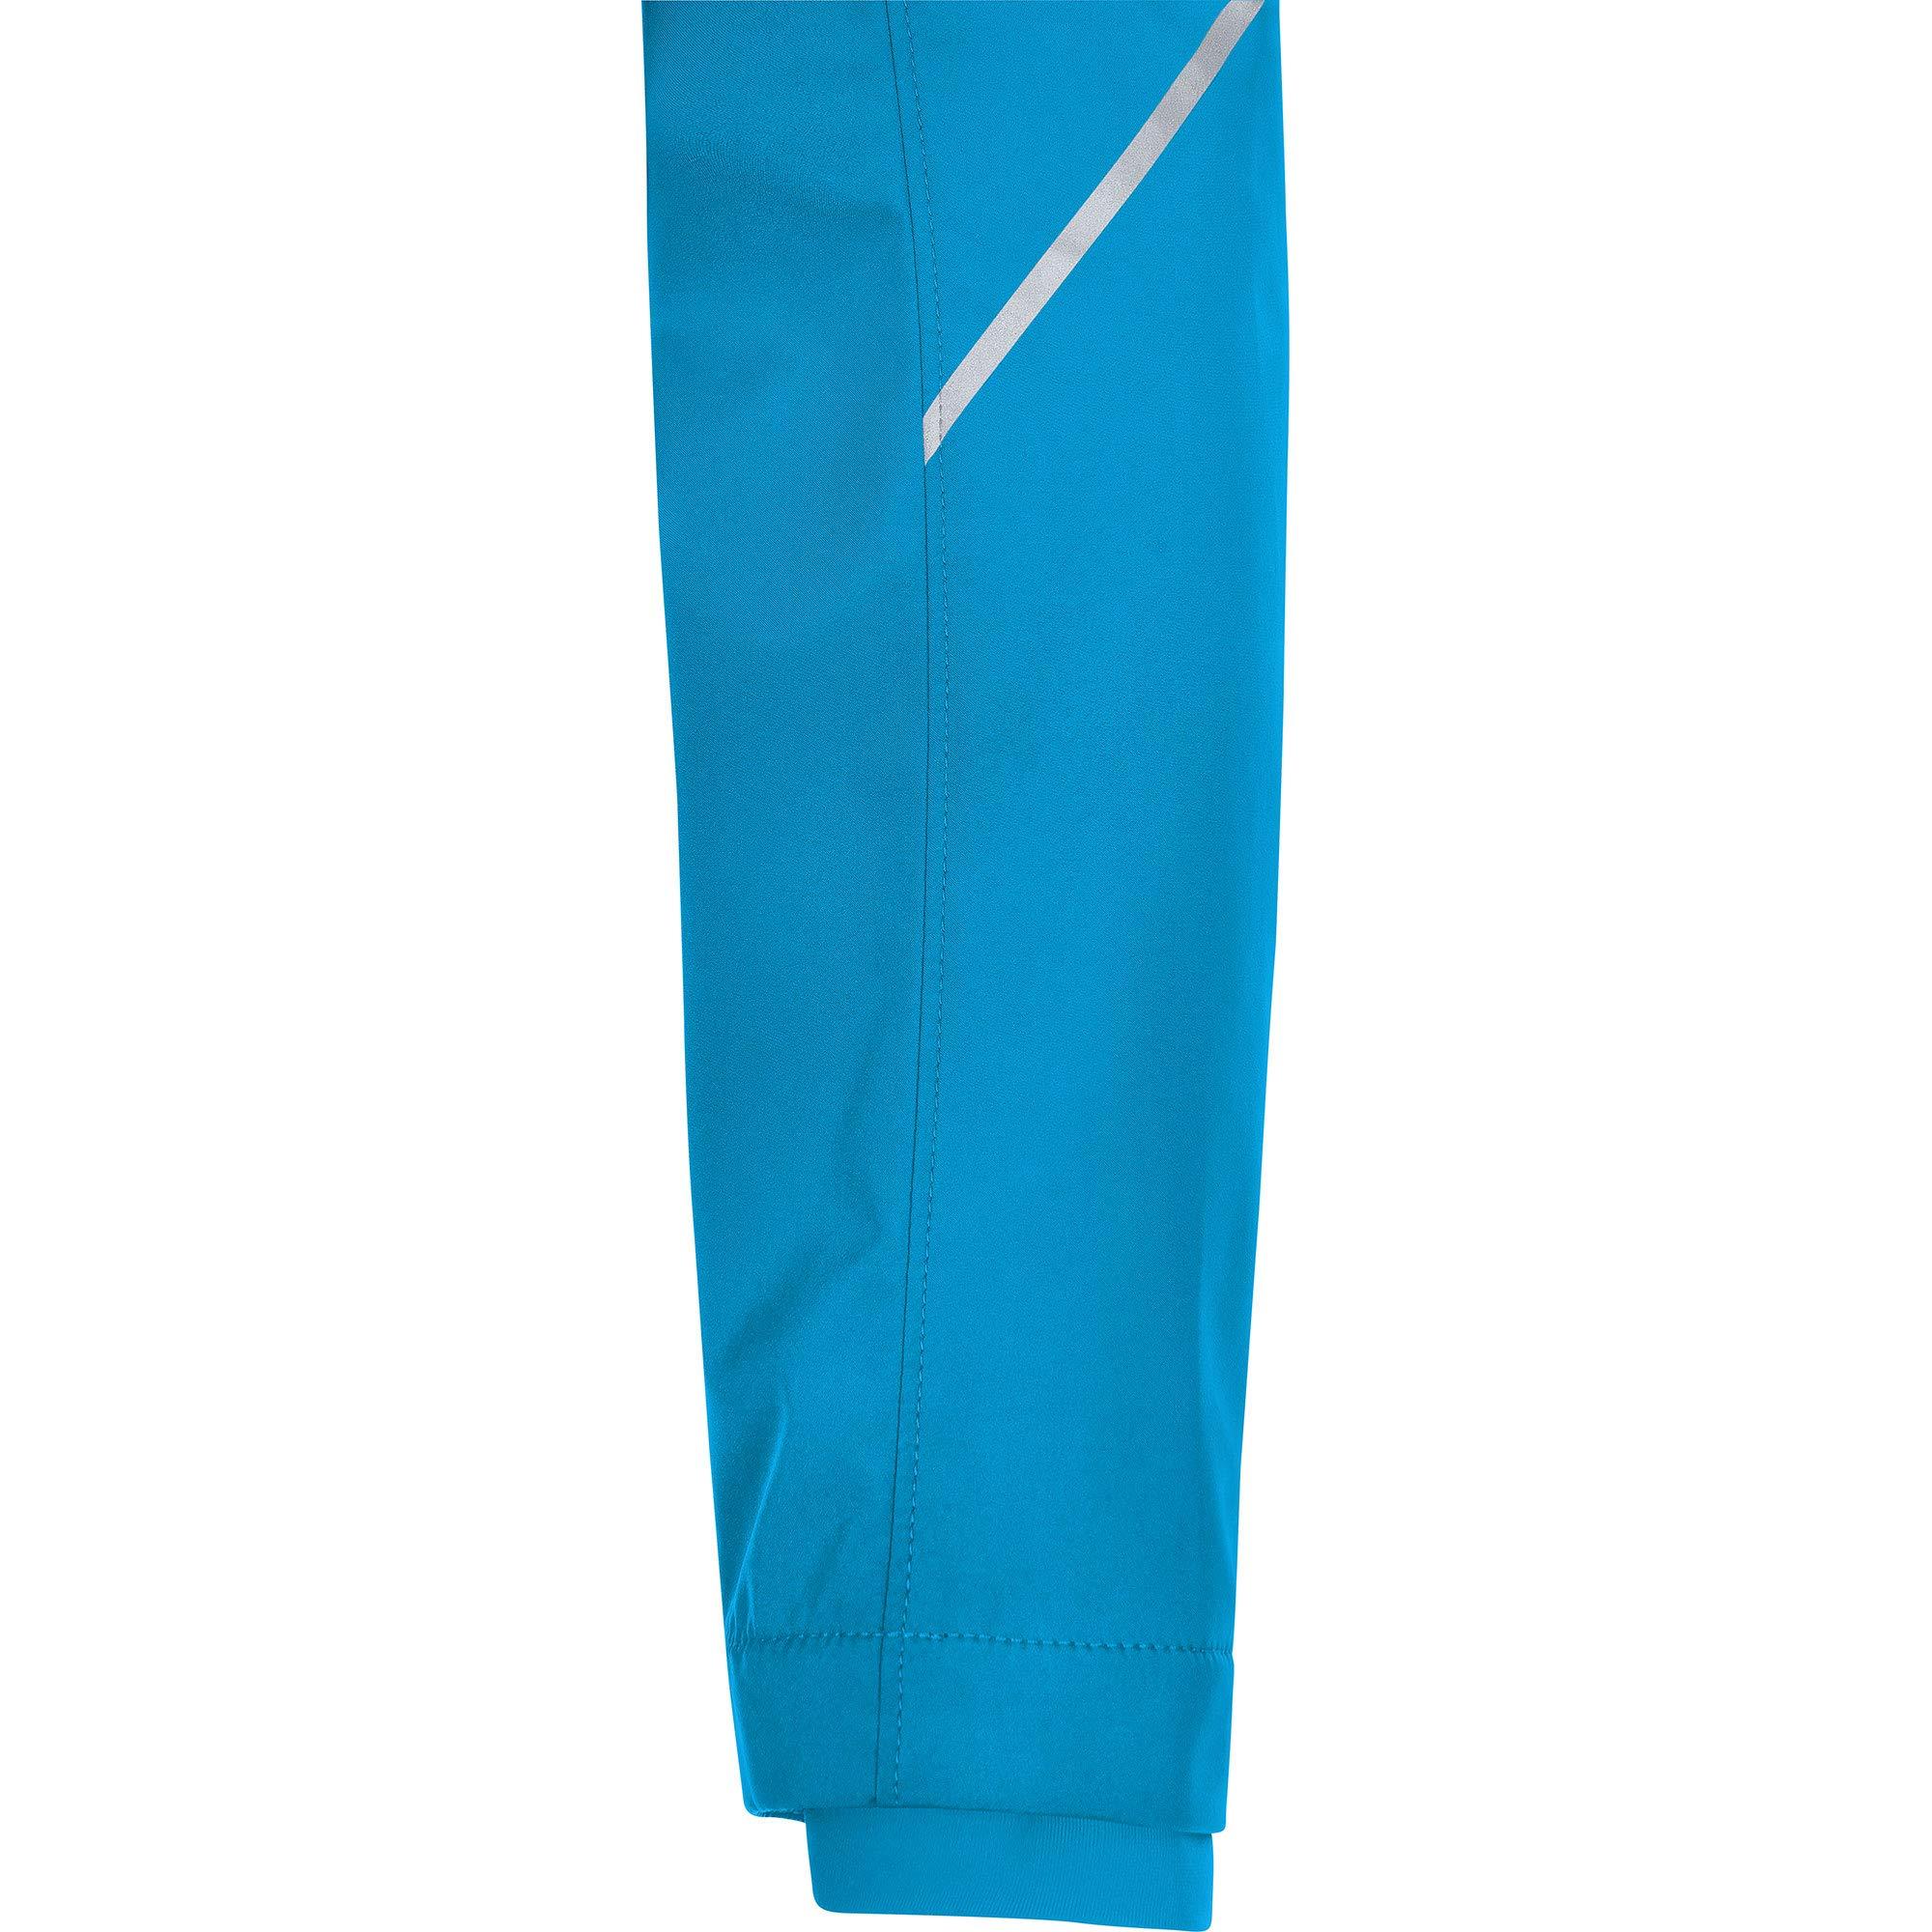 GORE Wear Women's Windproof Running Jacket, R3 Women's Partial WINDSTOPPER Jacket, Size: L, Color: Dynamic Cyan, 100081 by GORE WEAR (Image #7)